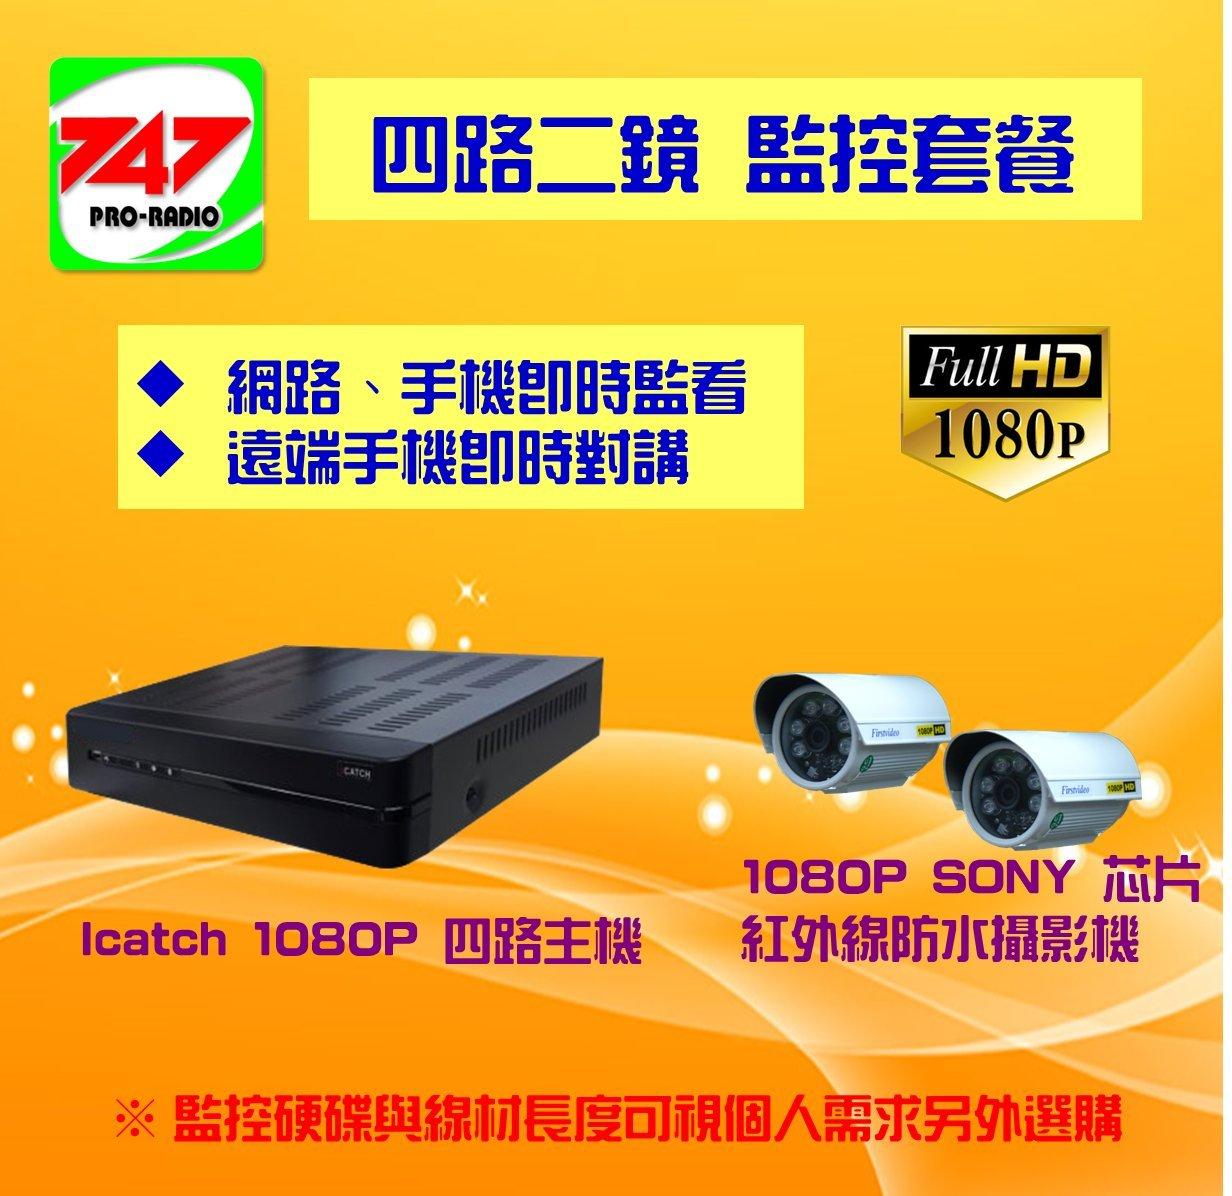 《747無線電》 icatch DVR AHD 監視器 1080p 可取 4路主機 + 2支 SONY 芯片攝影機 套餐